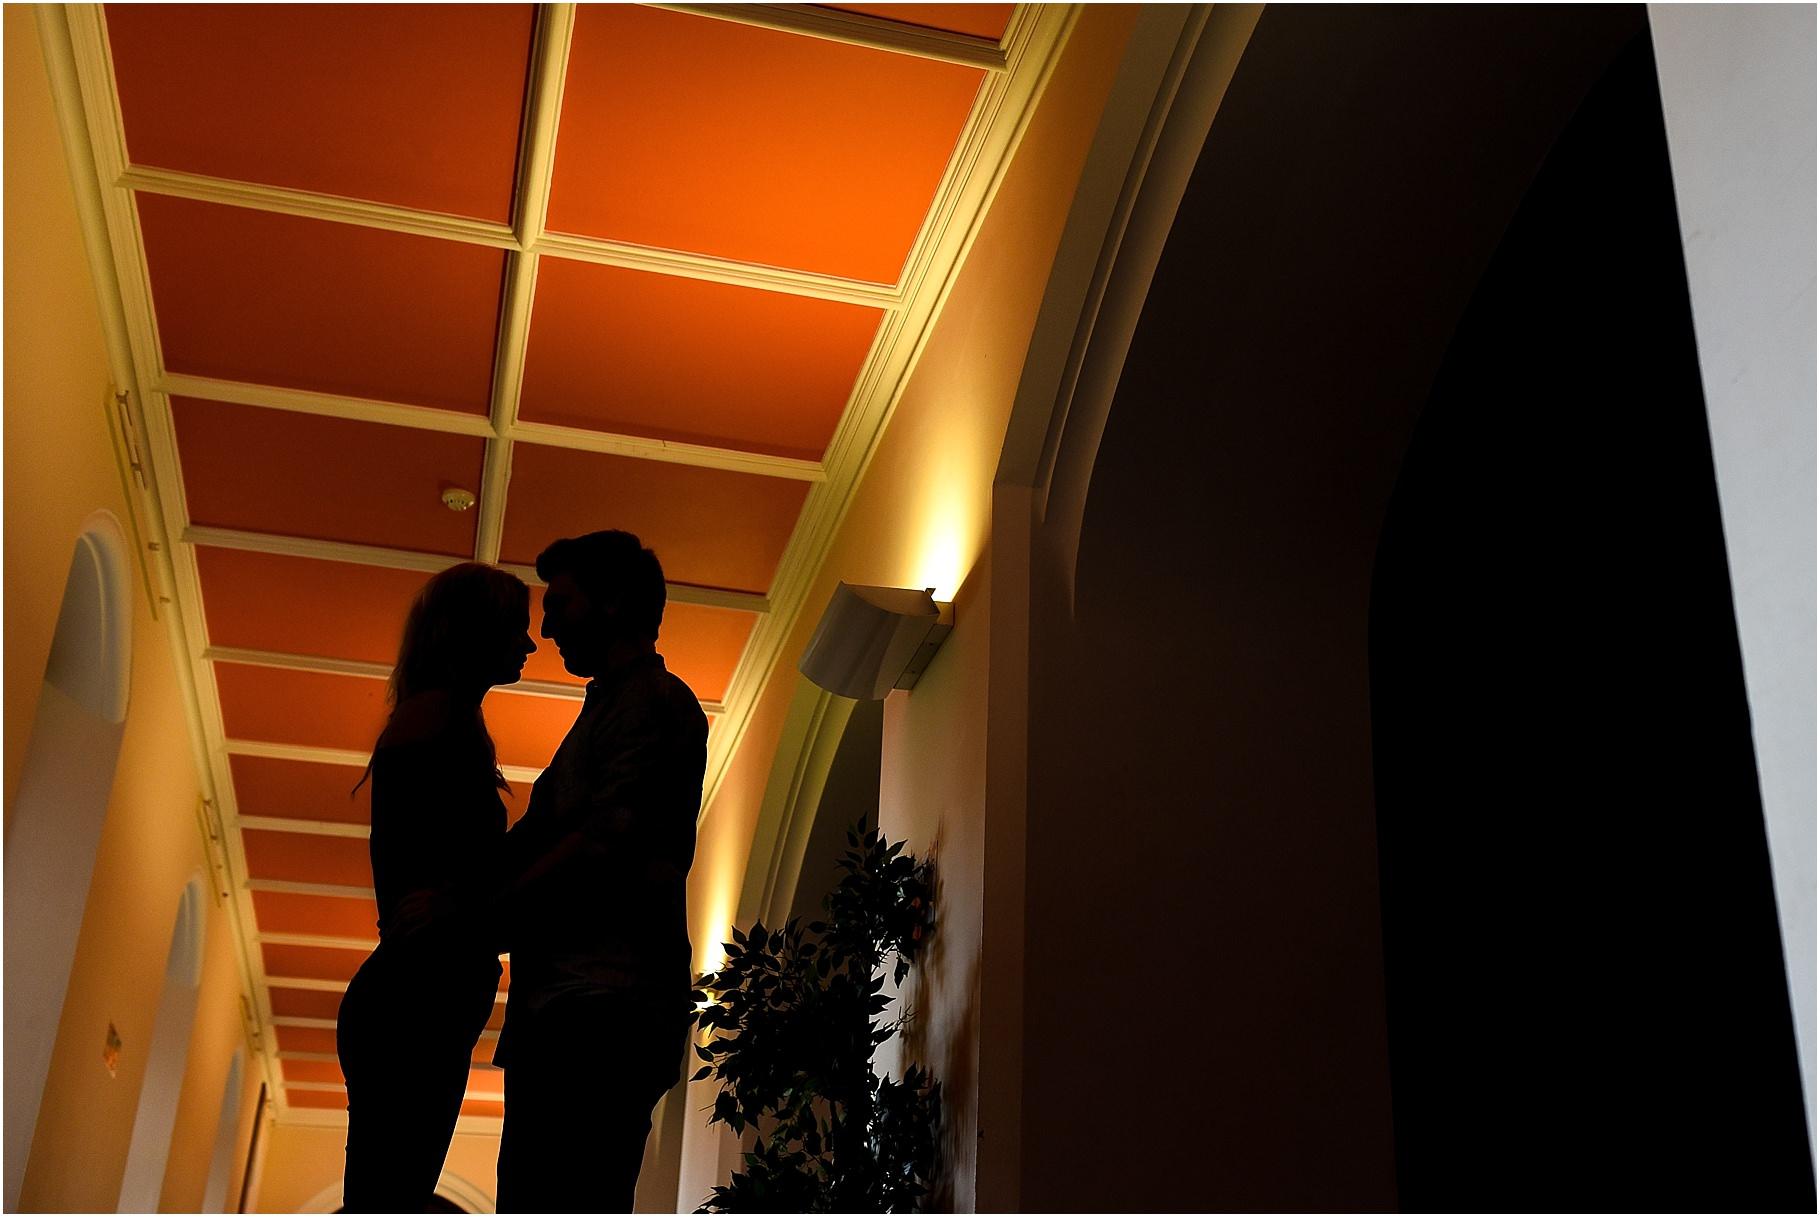 stonyhurst-college-engagement-27.jpg